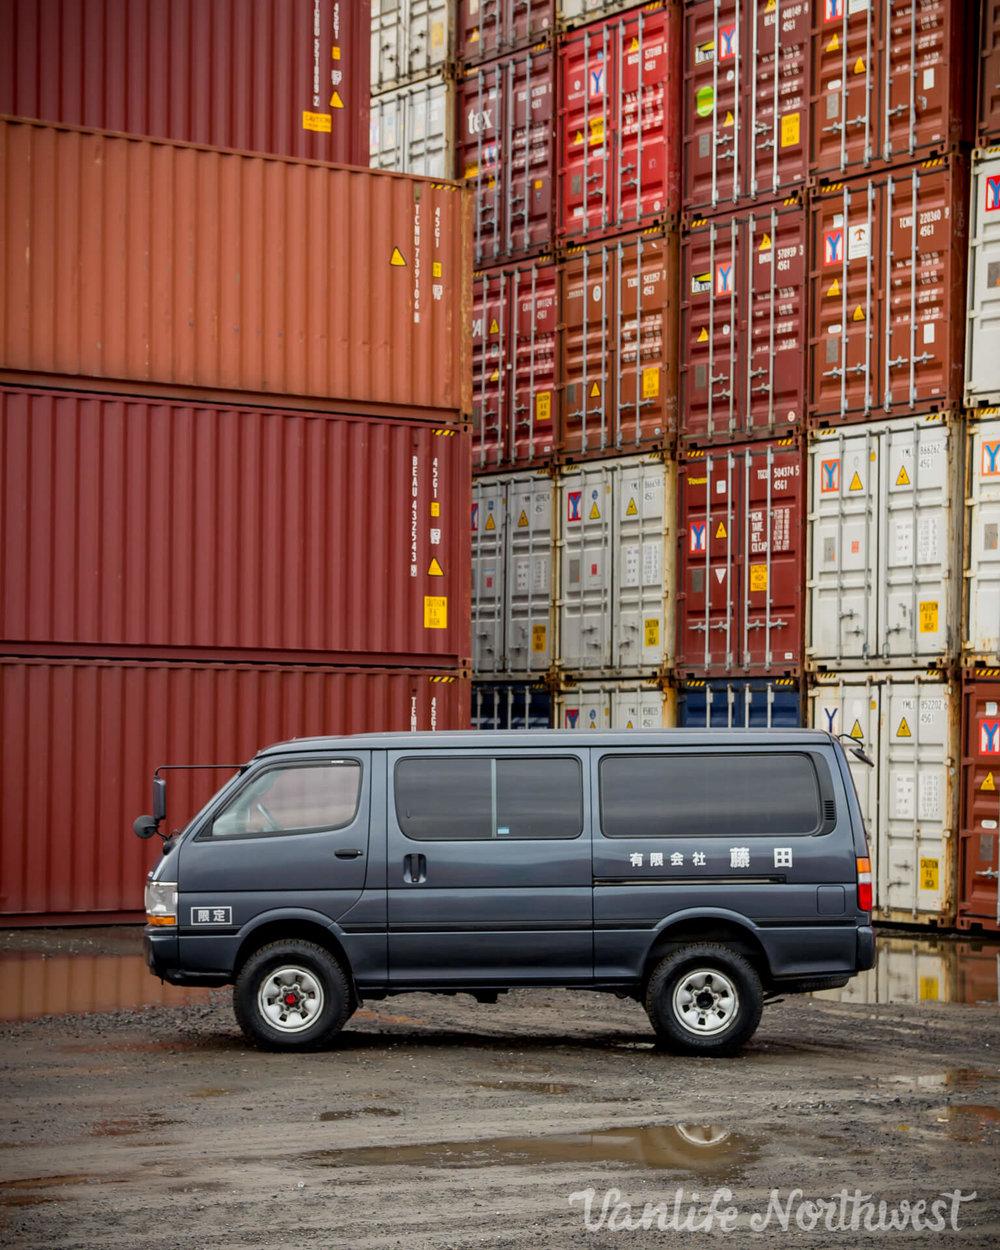 ToyotaHiaceLH119GrantWheeler-6.jpg